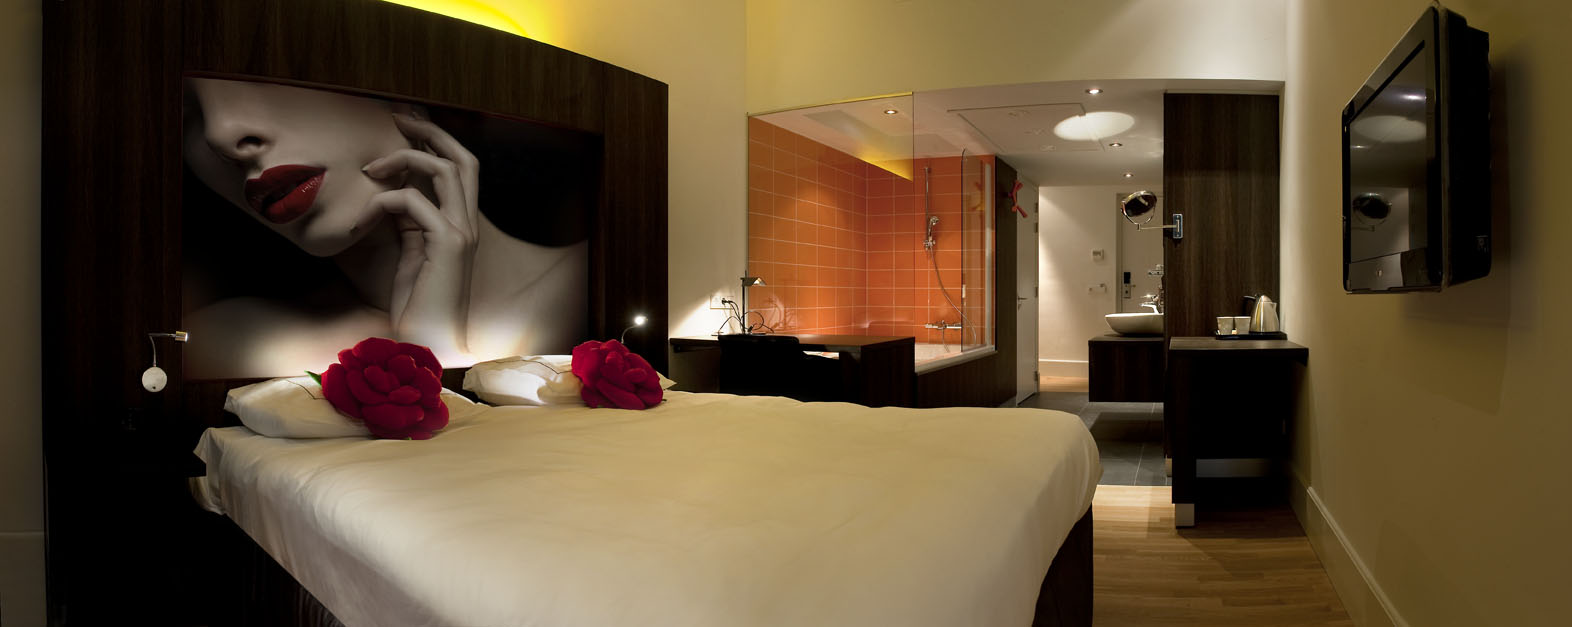 Weekendje weg met lo 39 s 4 maastricht lochristinaar for Design hotel eden